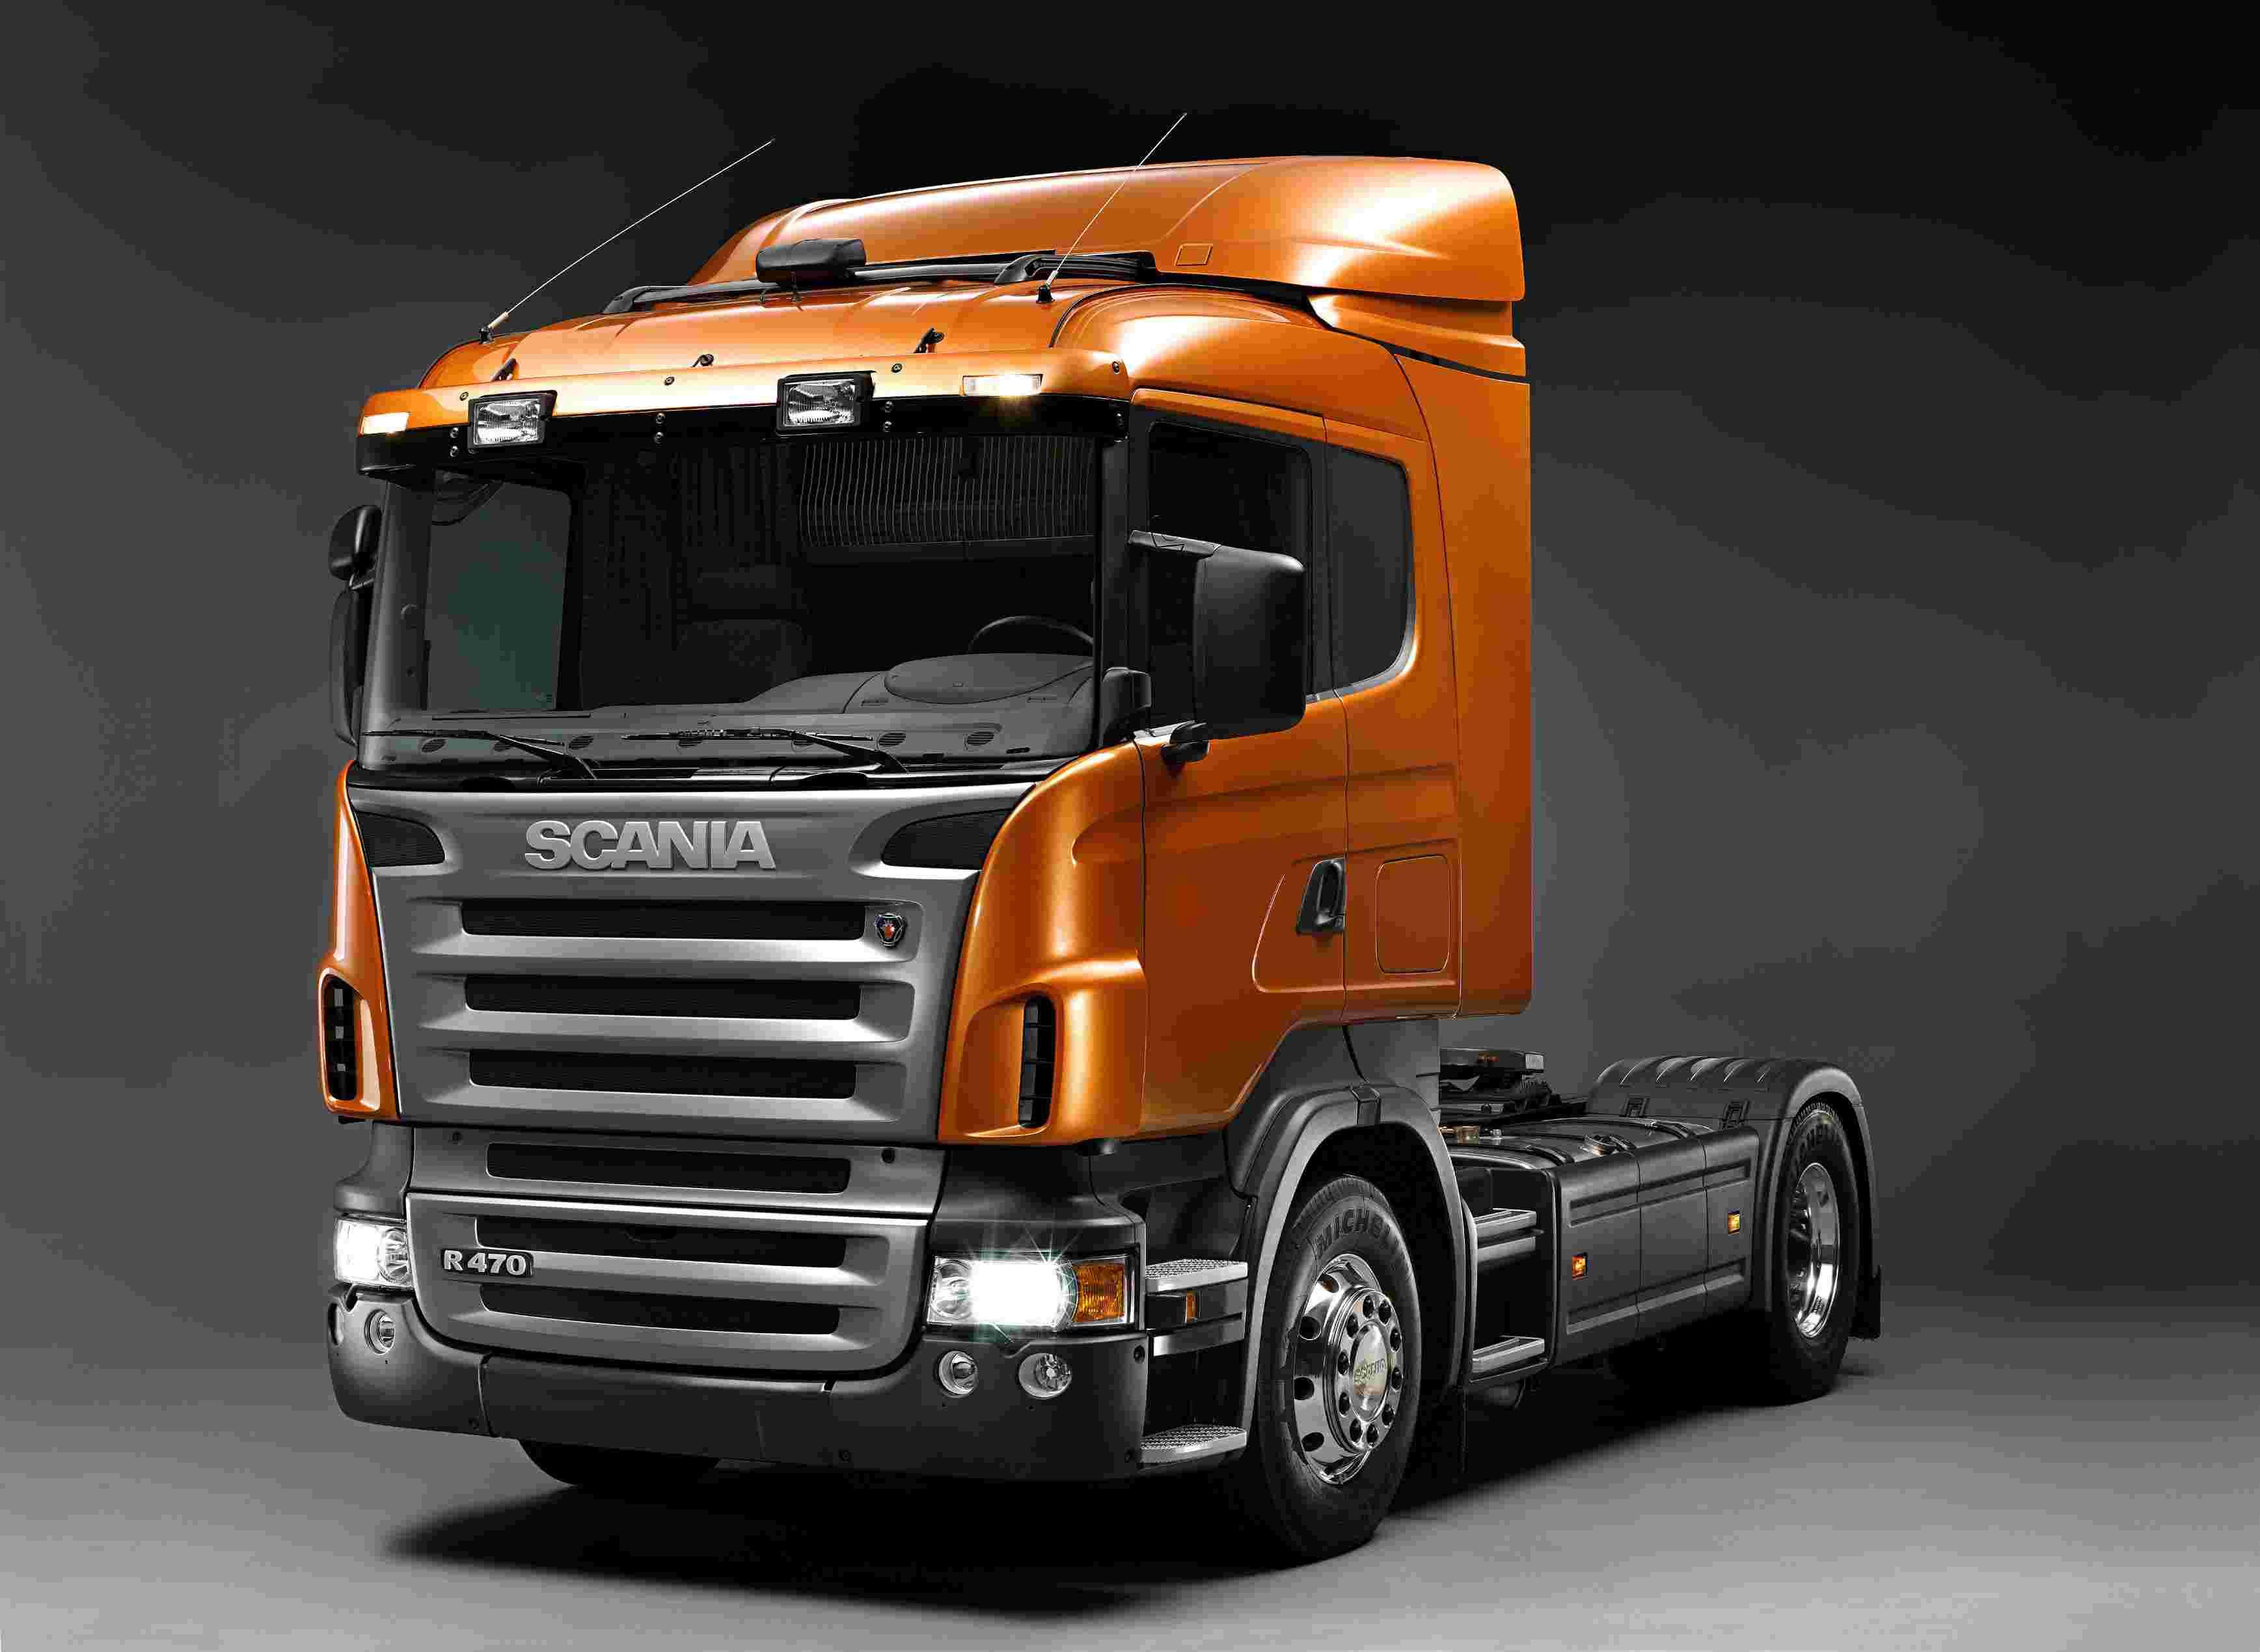 e9fcc310558e4 Free photo  Scania lorry - Truck